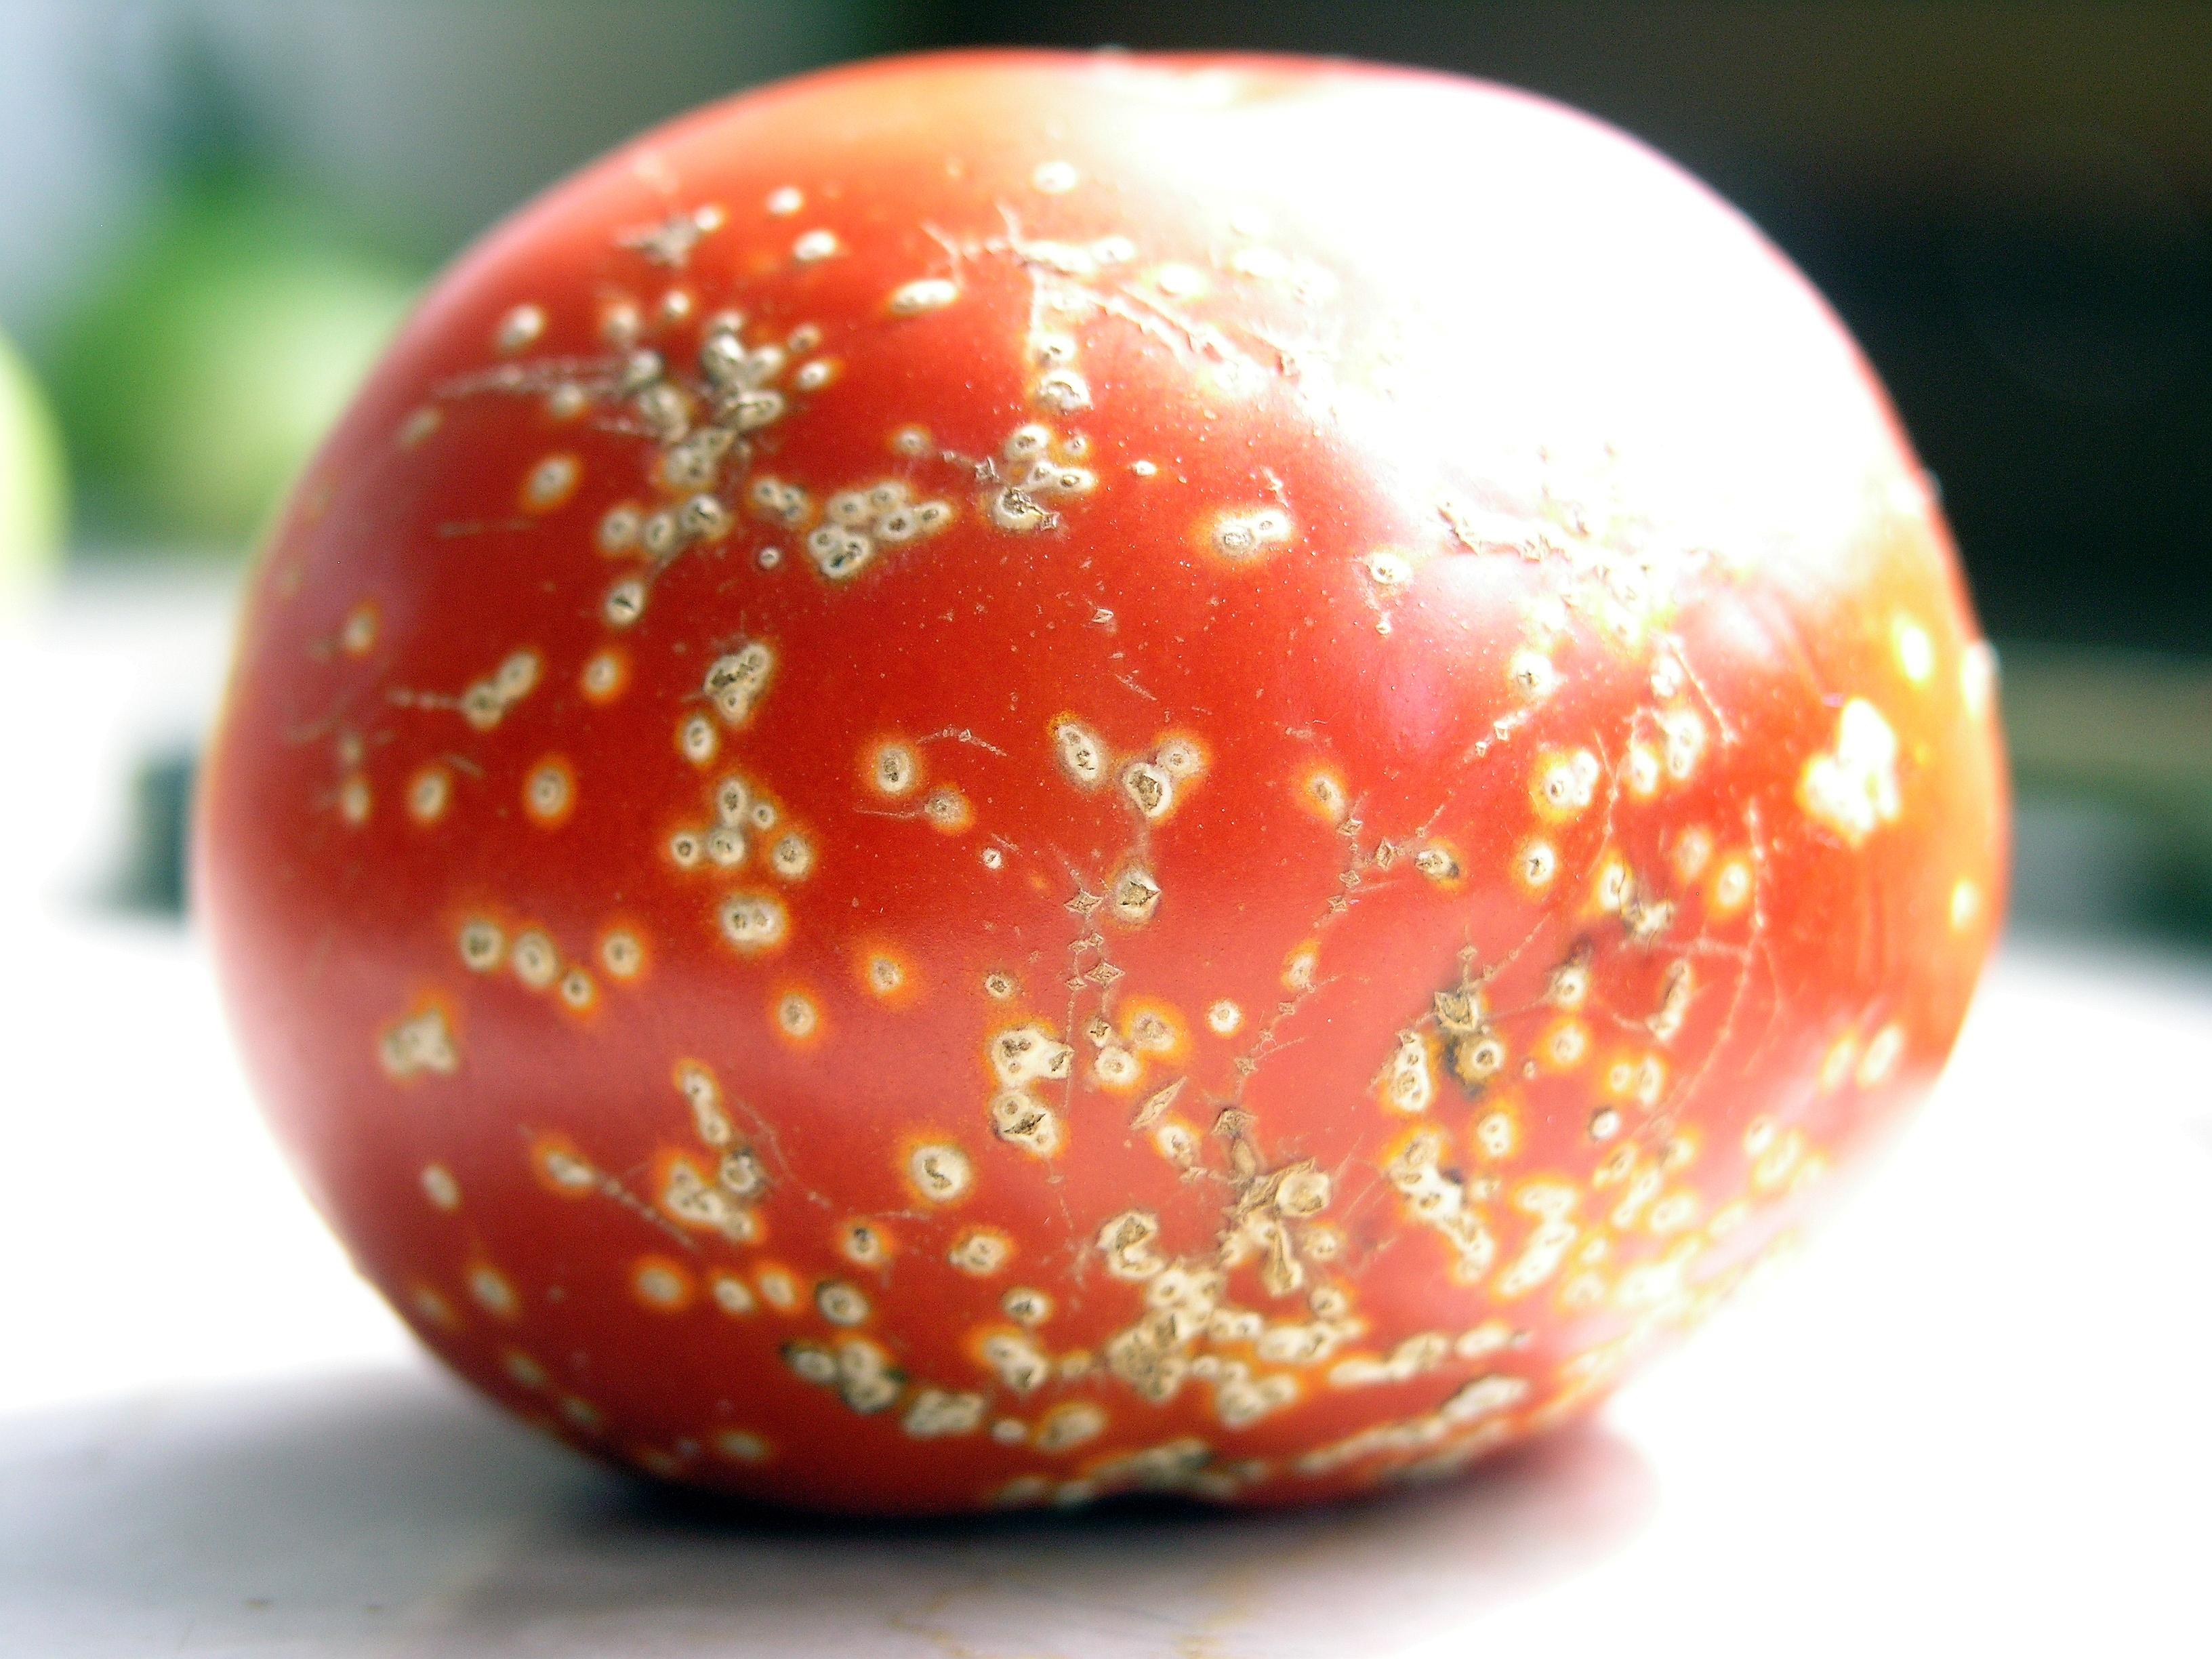 Chancre bact rien de la tomate wikiwand for Noctuelle de la tomate